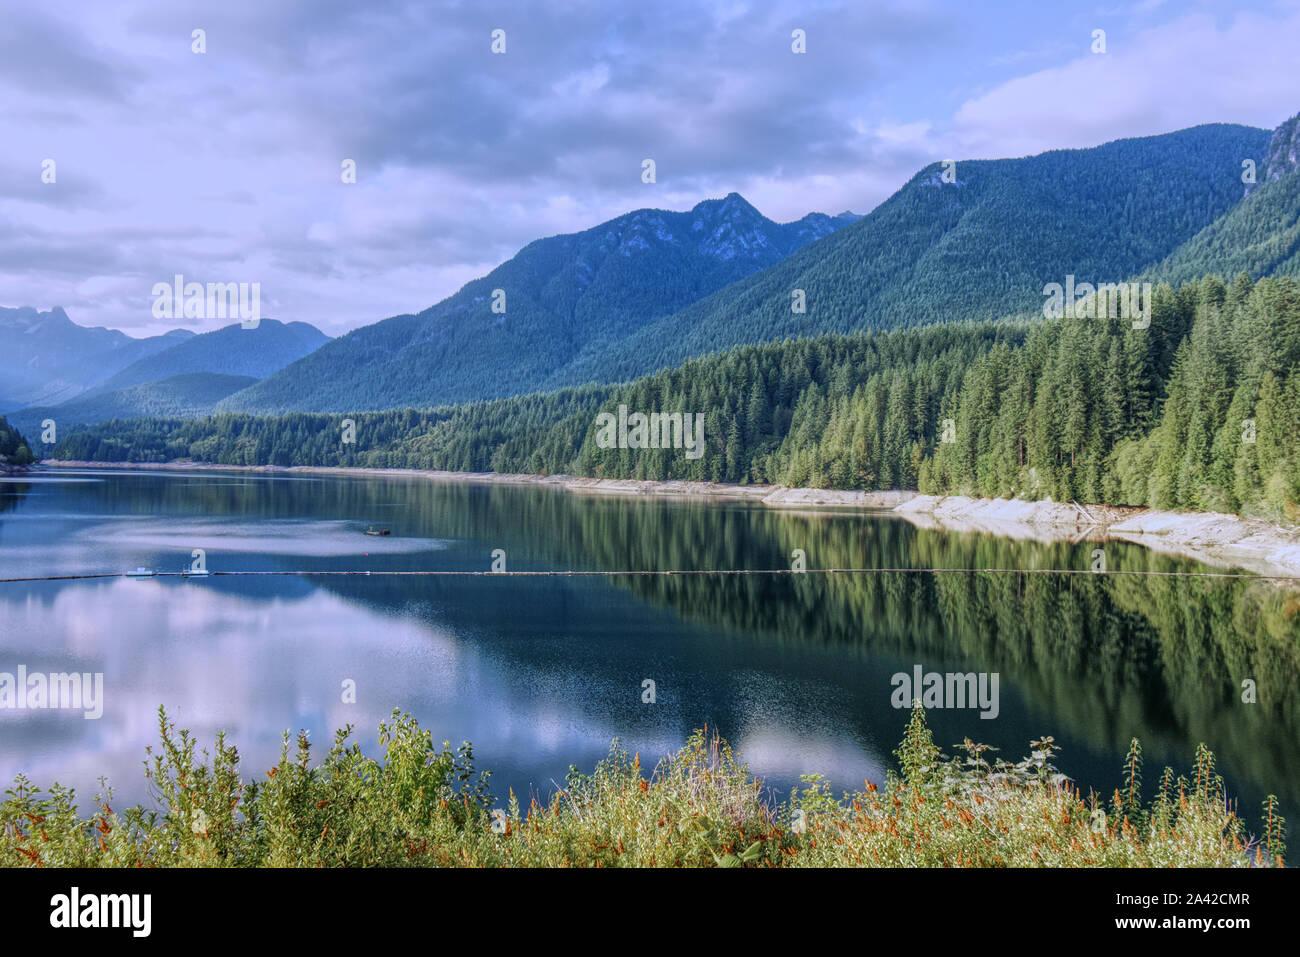 Una vista escénica de Cleveland embalse rodeado de montañas al atardecer, North Vancouver, Canadá Foto de stock